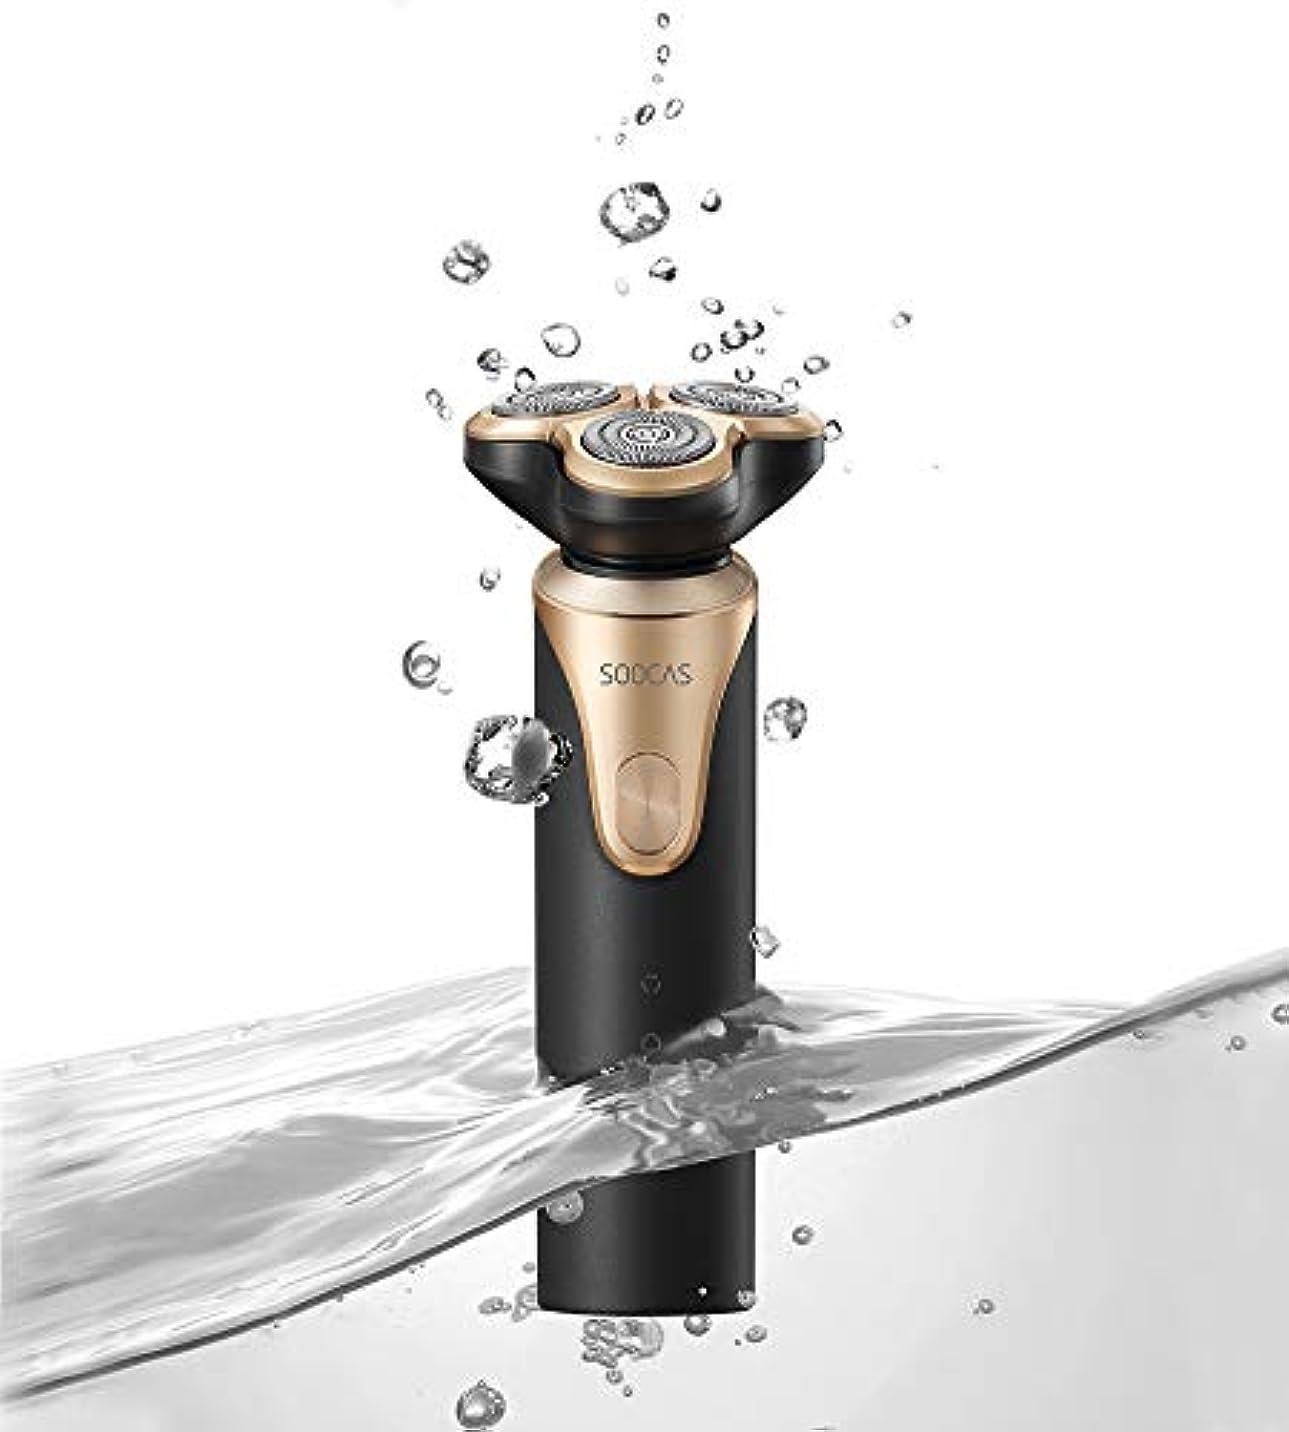 冷酷なメイン追加するS00SAS ひげそり 電動 メンズシェーバー 回転式 15枚刃 USB充電式 IPX7防水 お風呂剃り 丸洗い可 電気カミソリ ドライ両用 深剃り ブラック